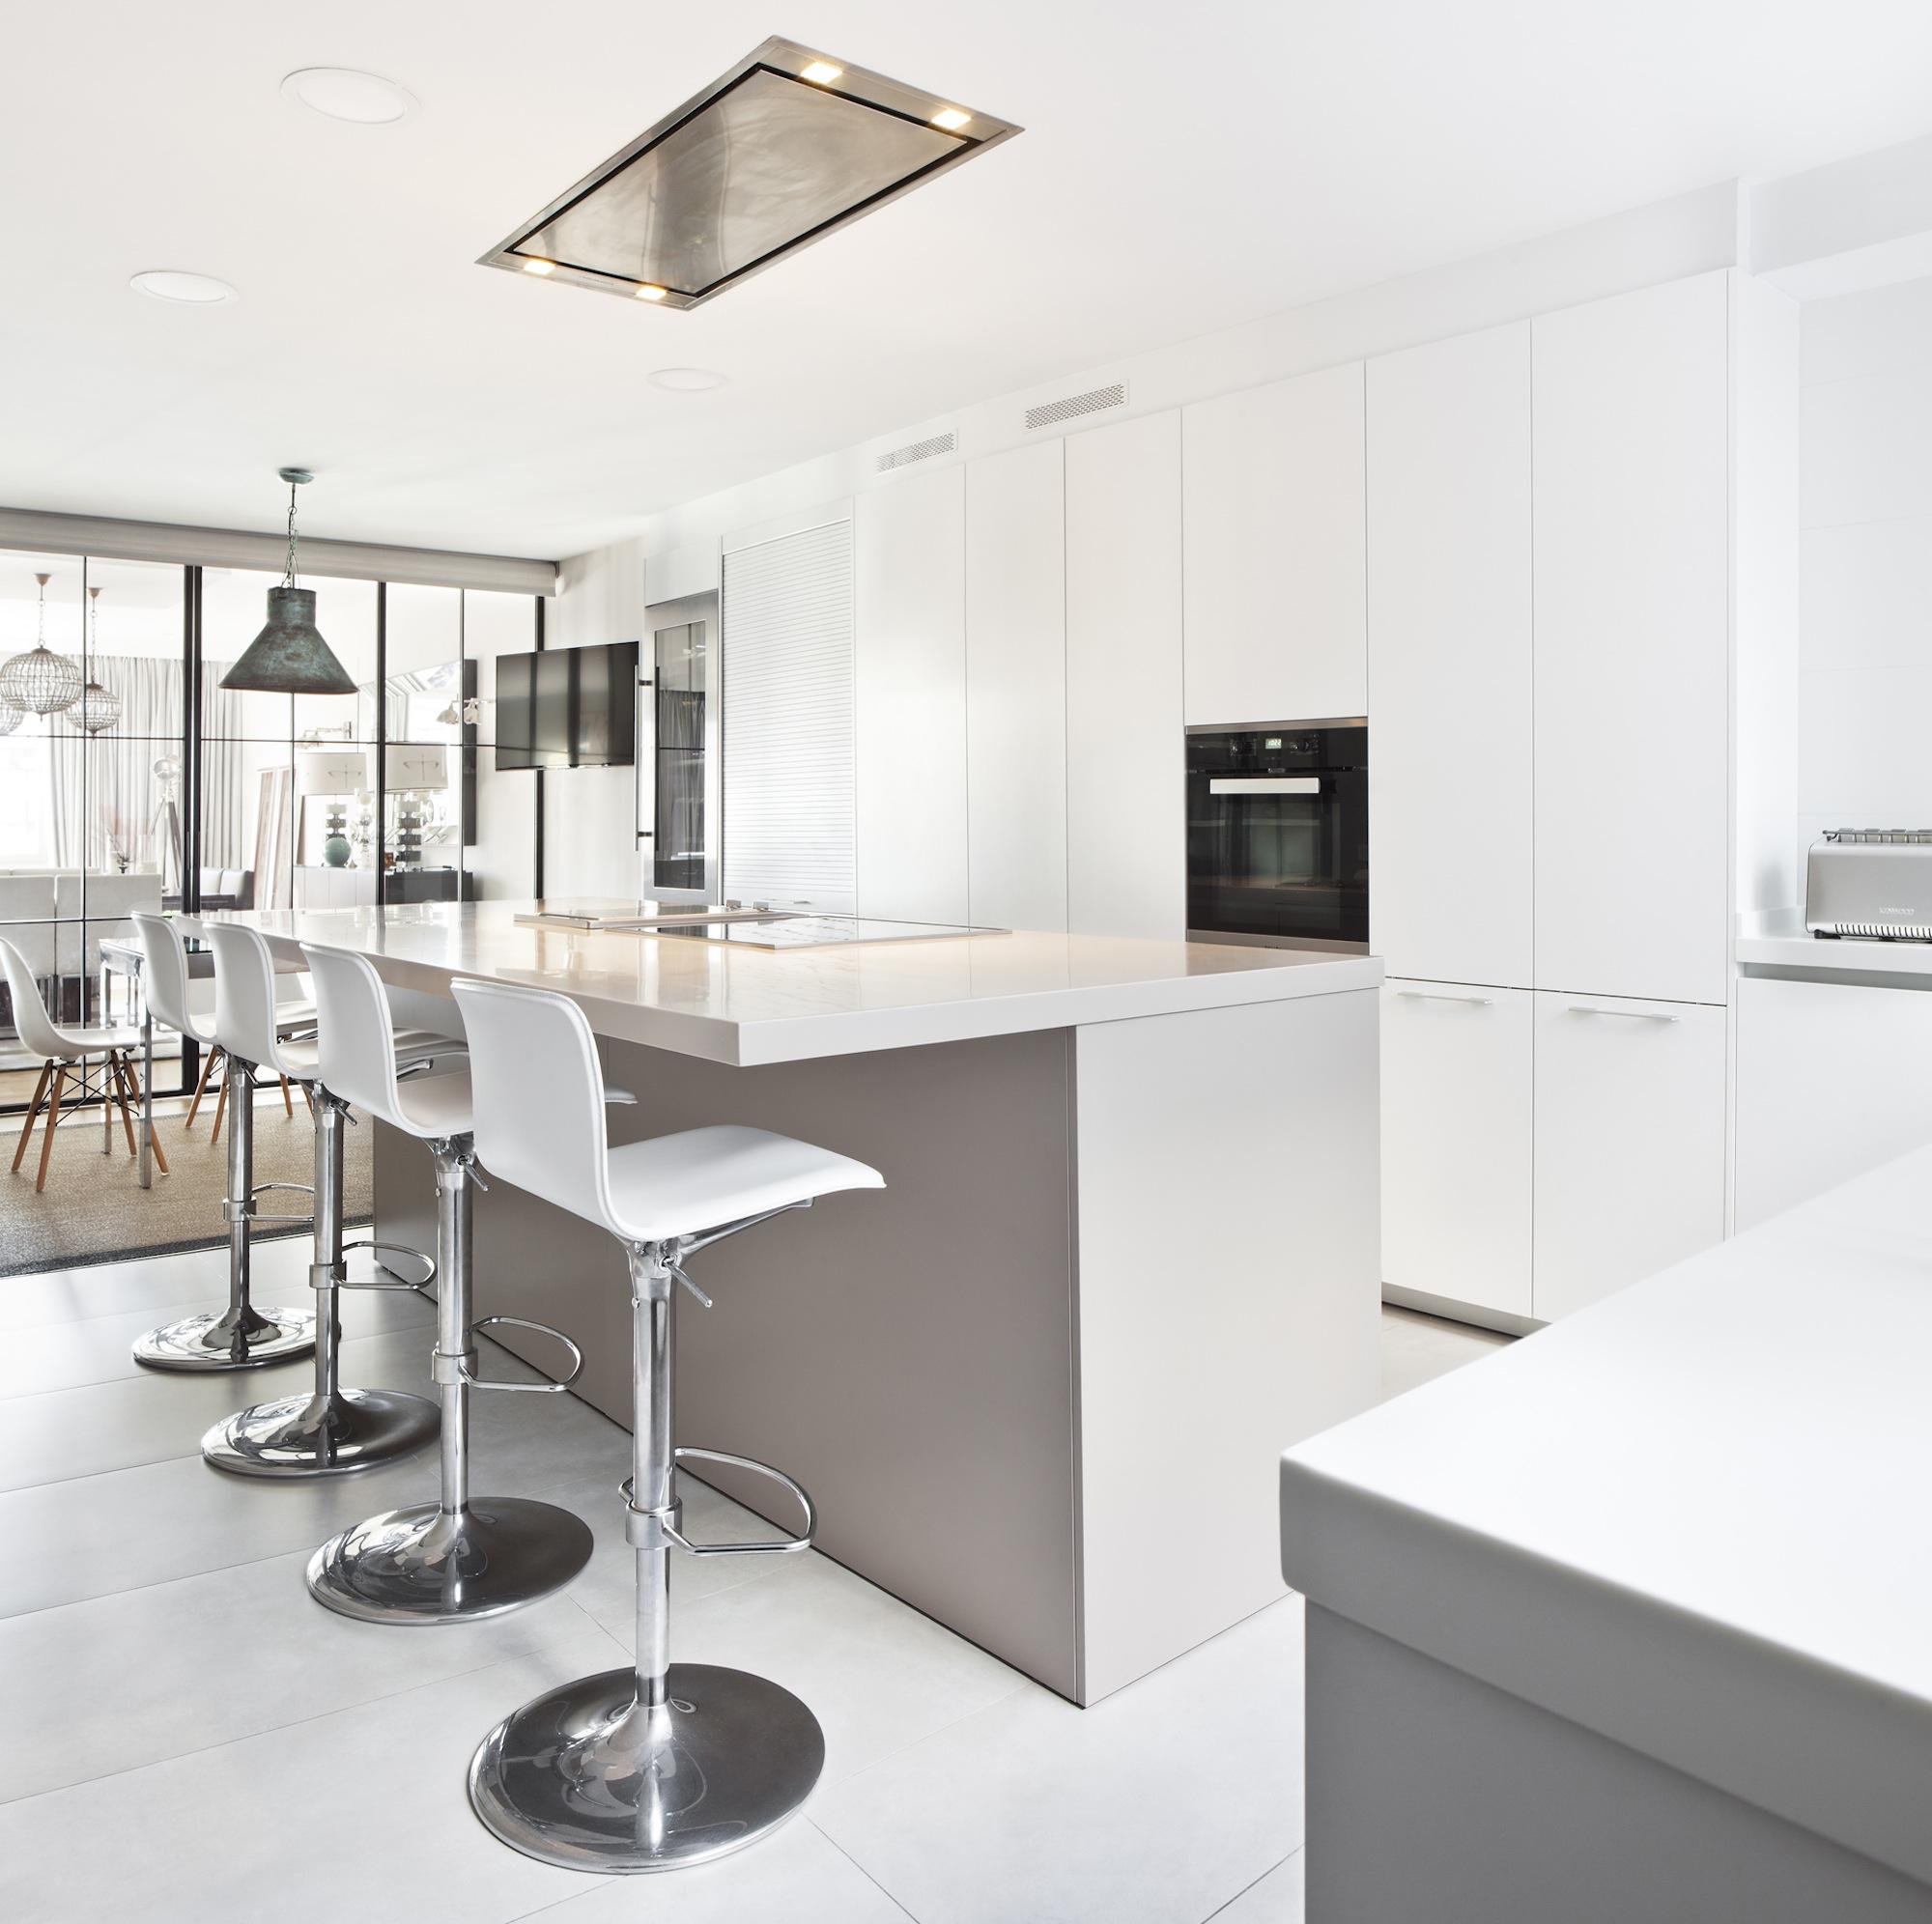 Una buena idea separar la cocina del sal n con una for Cocina y salon unidos